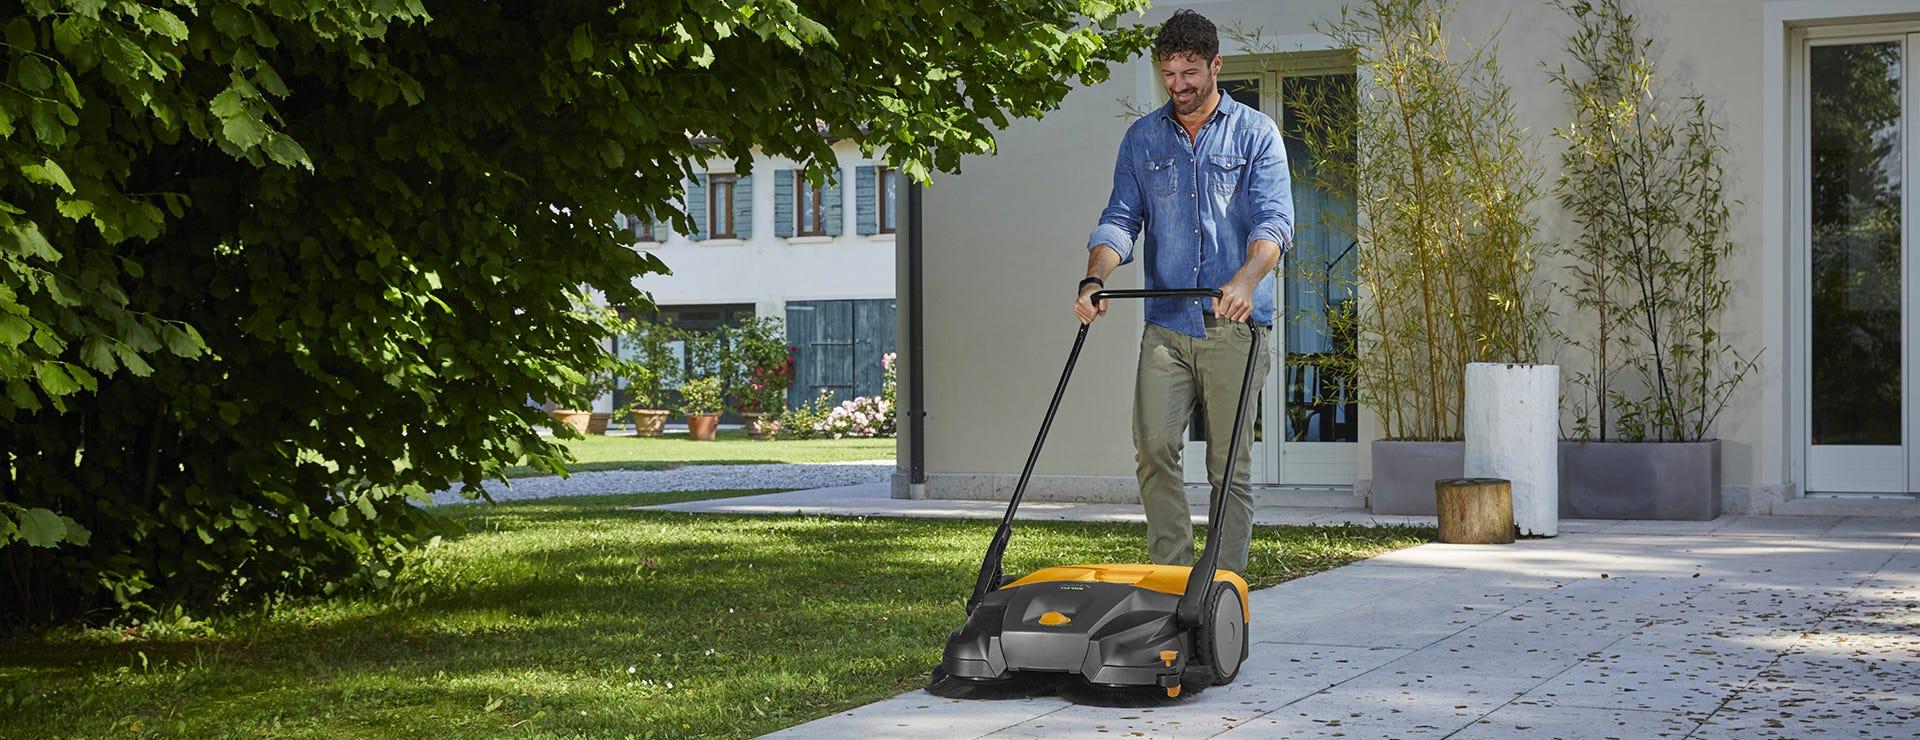 Hold dine udendørsområder rene med en fejemaskine